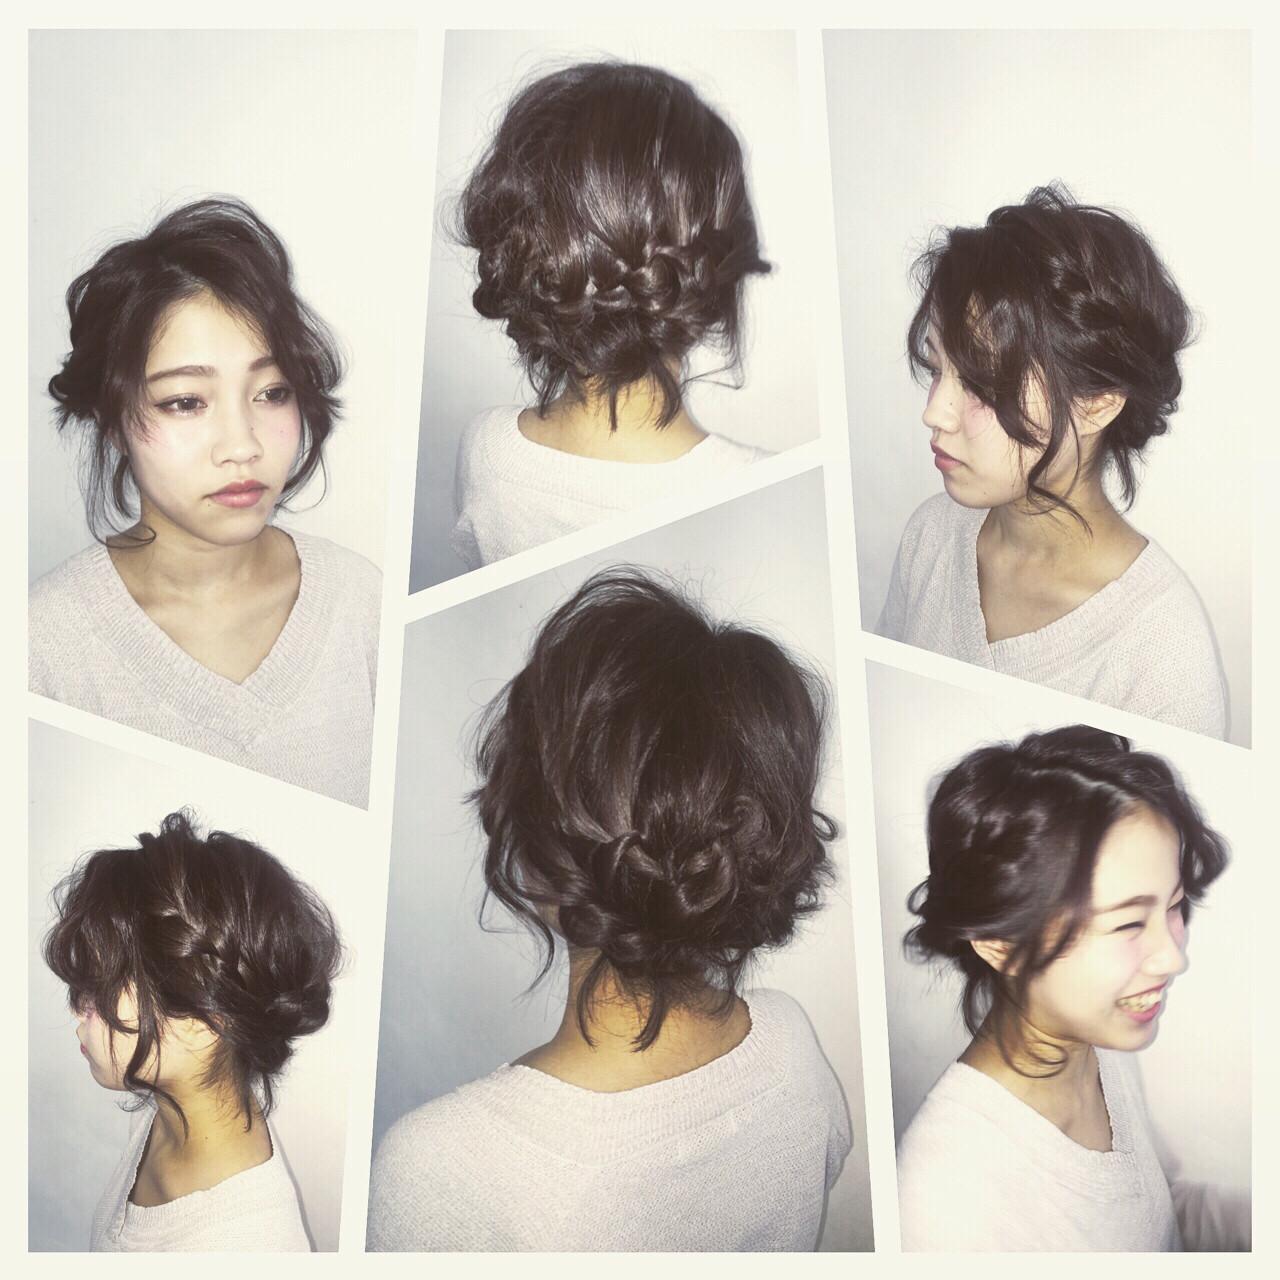 波ウェーブ 結婚式 ヘアアレンジ ウォーターフォール ヘアスタイルや髪型の写真・画像